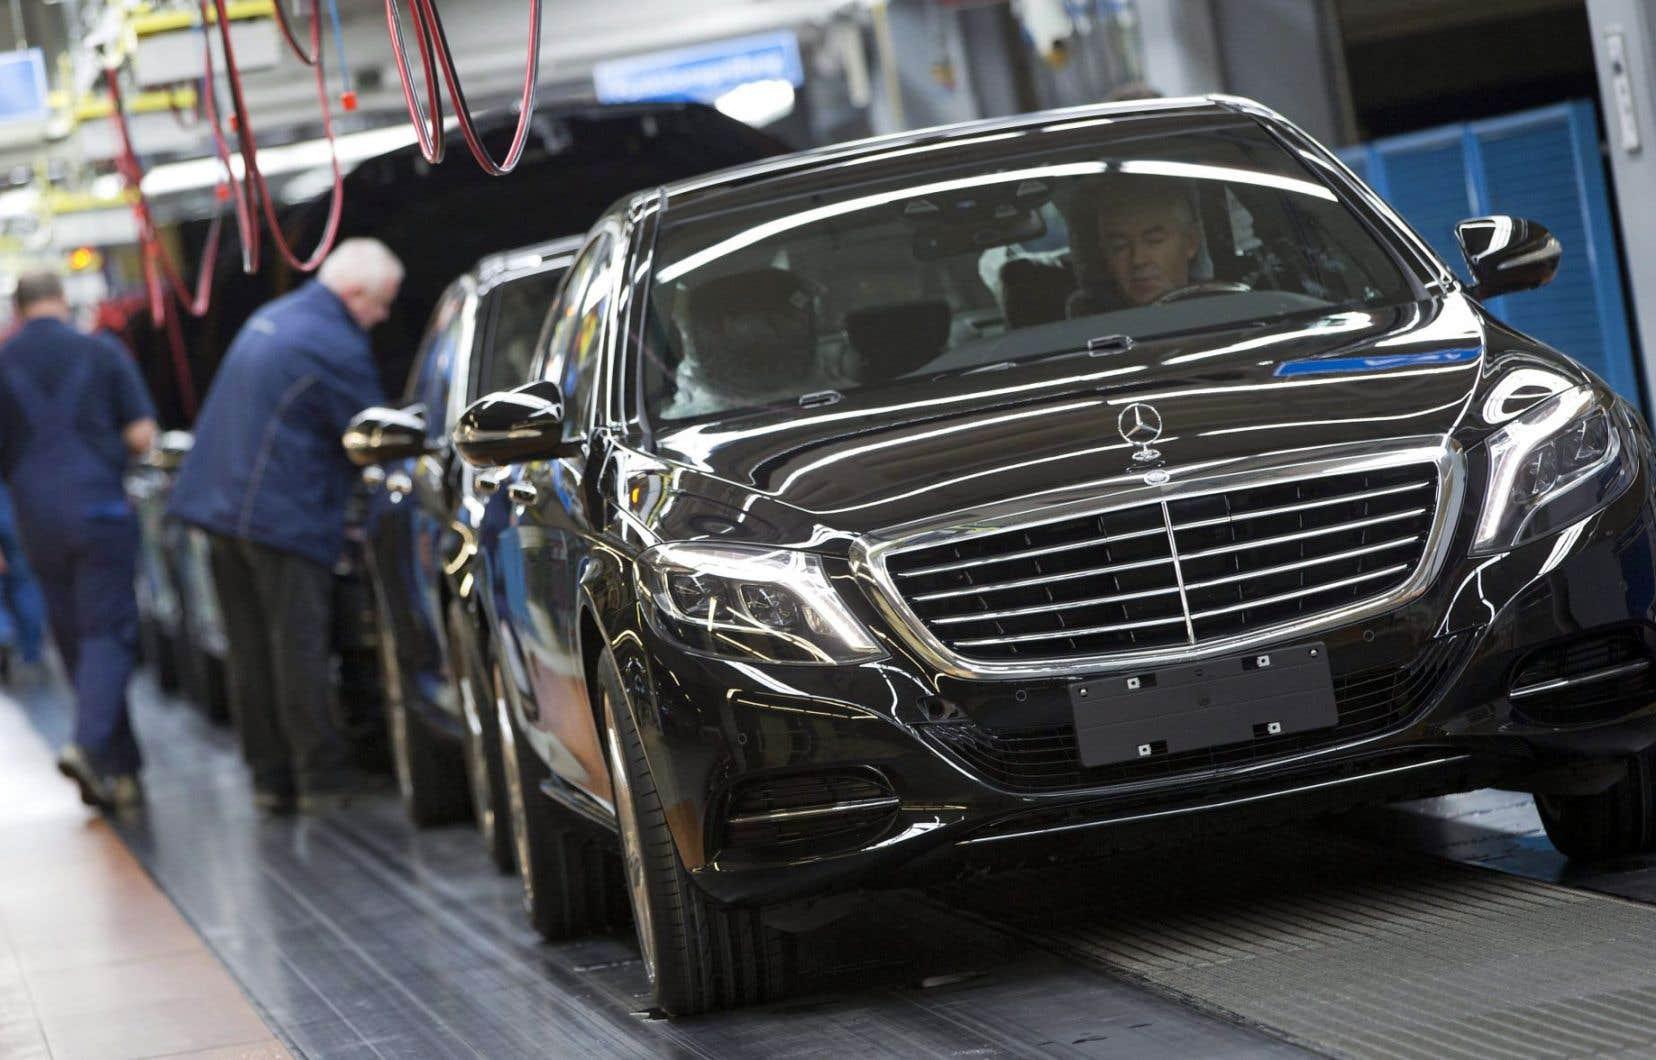 Répétant que cette plainte est «infondée», une porte-parole du constructeur automobile allemand a indiqué lundi que Mercedes-Benz allait se défendre «par tous les moyens légaux possibles».